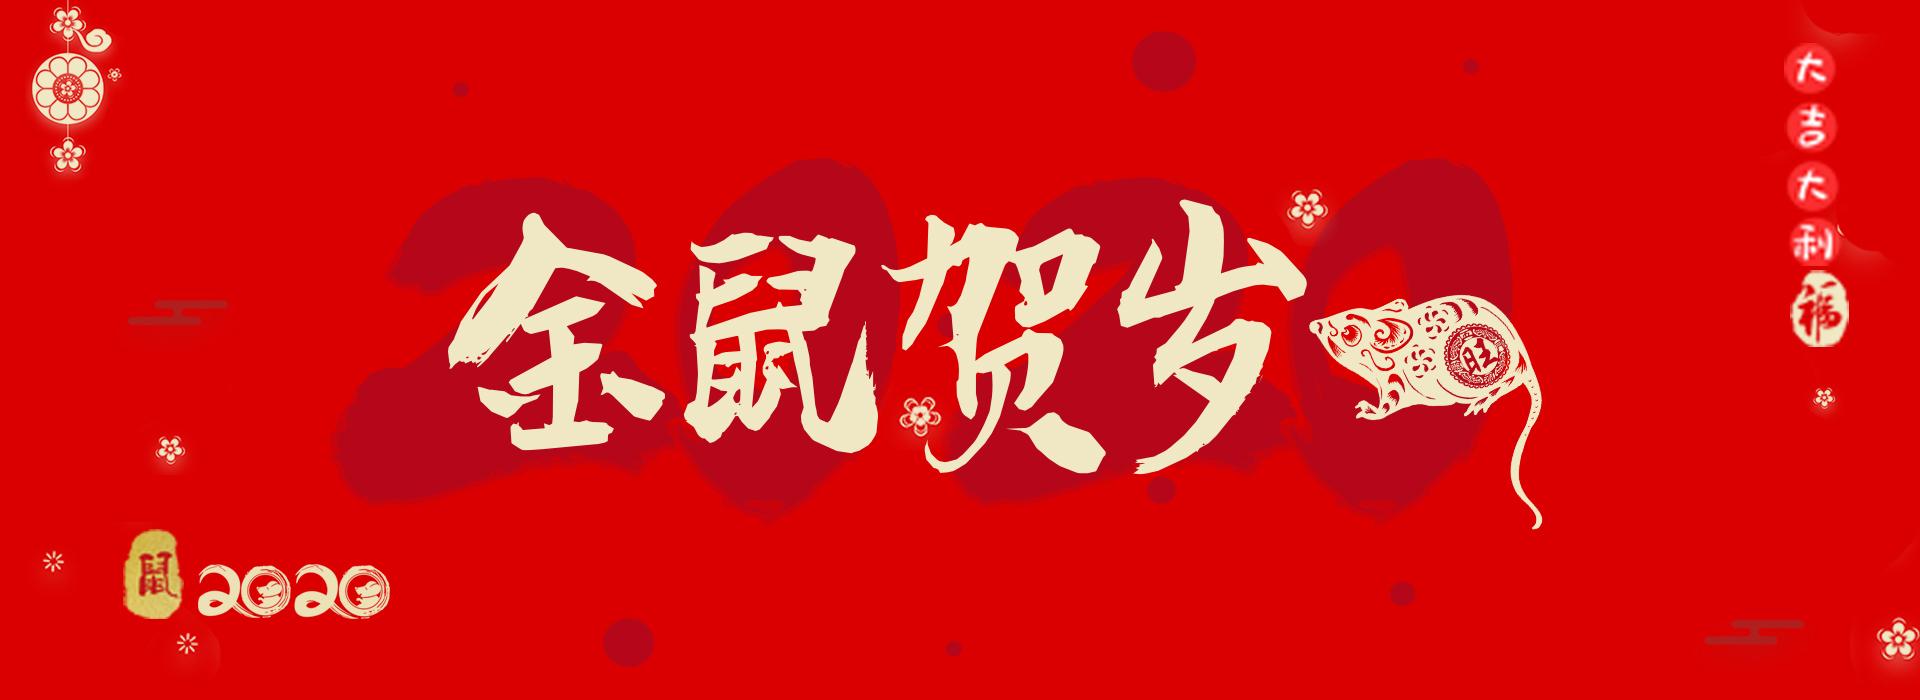 http://qiniu.cloudhong.com/image_2020-01-20_5e254f0f5bf3a.jpg